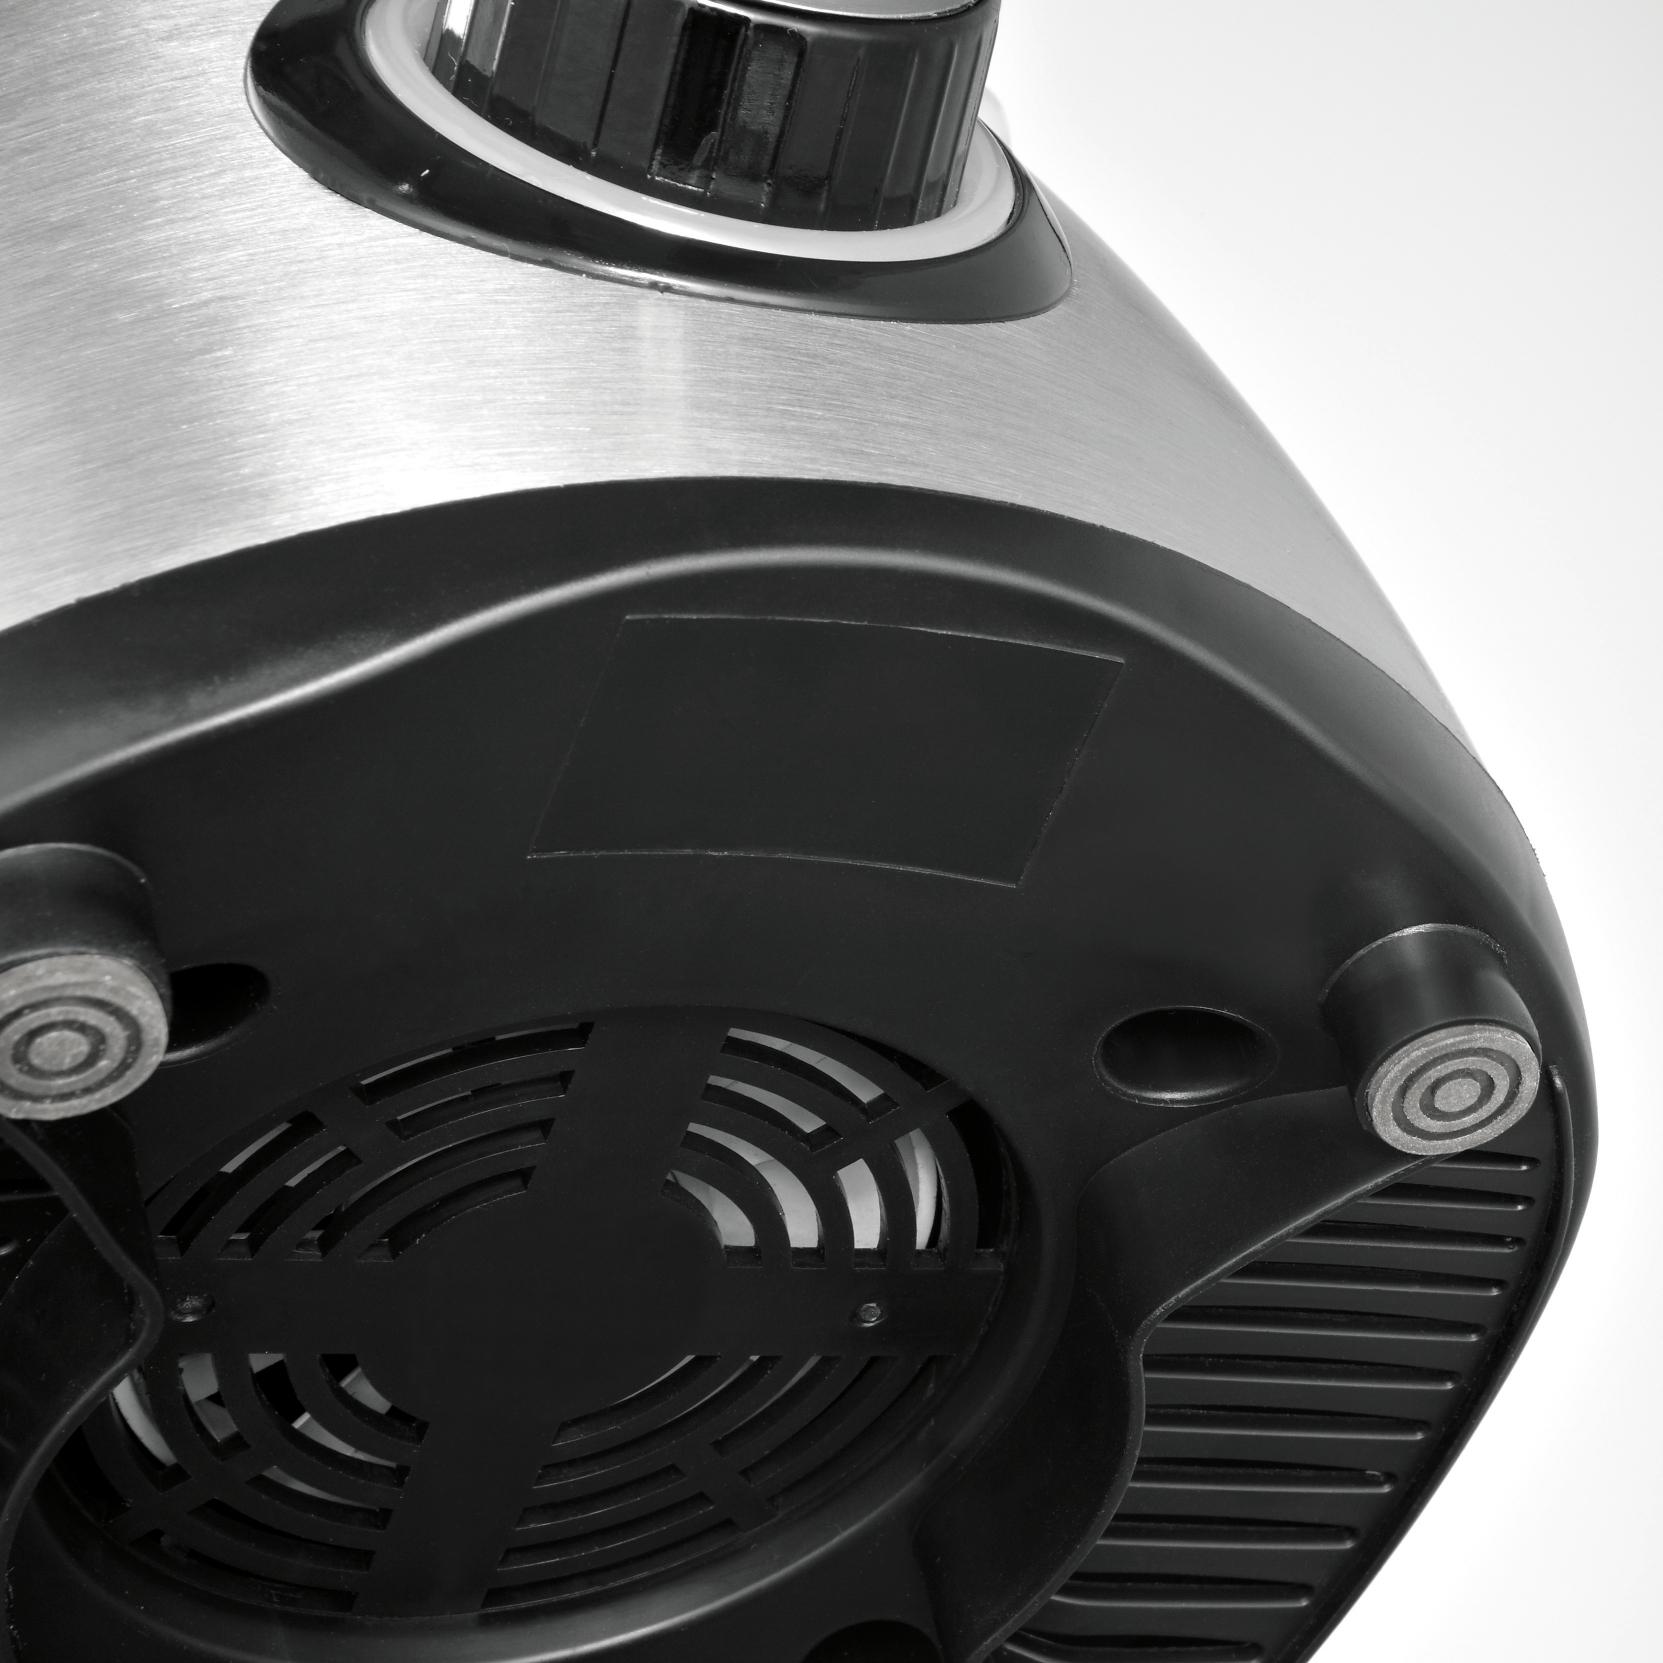 WMF Stelio Blender - 1,5 lt